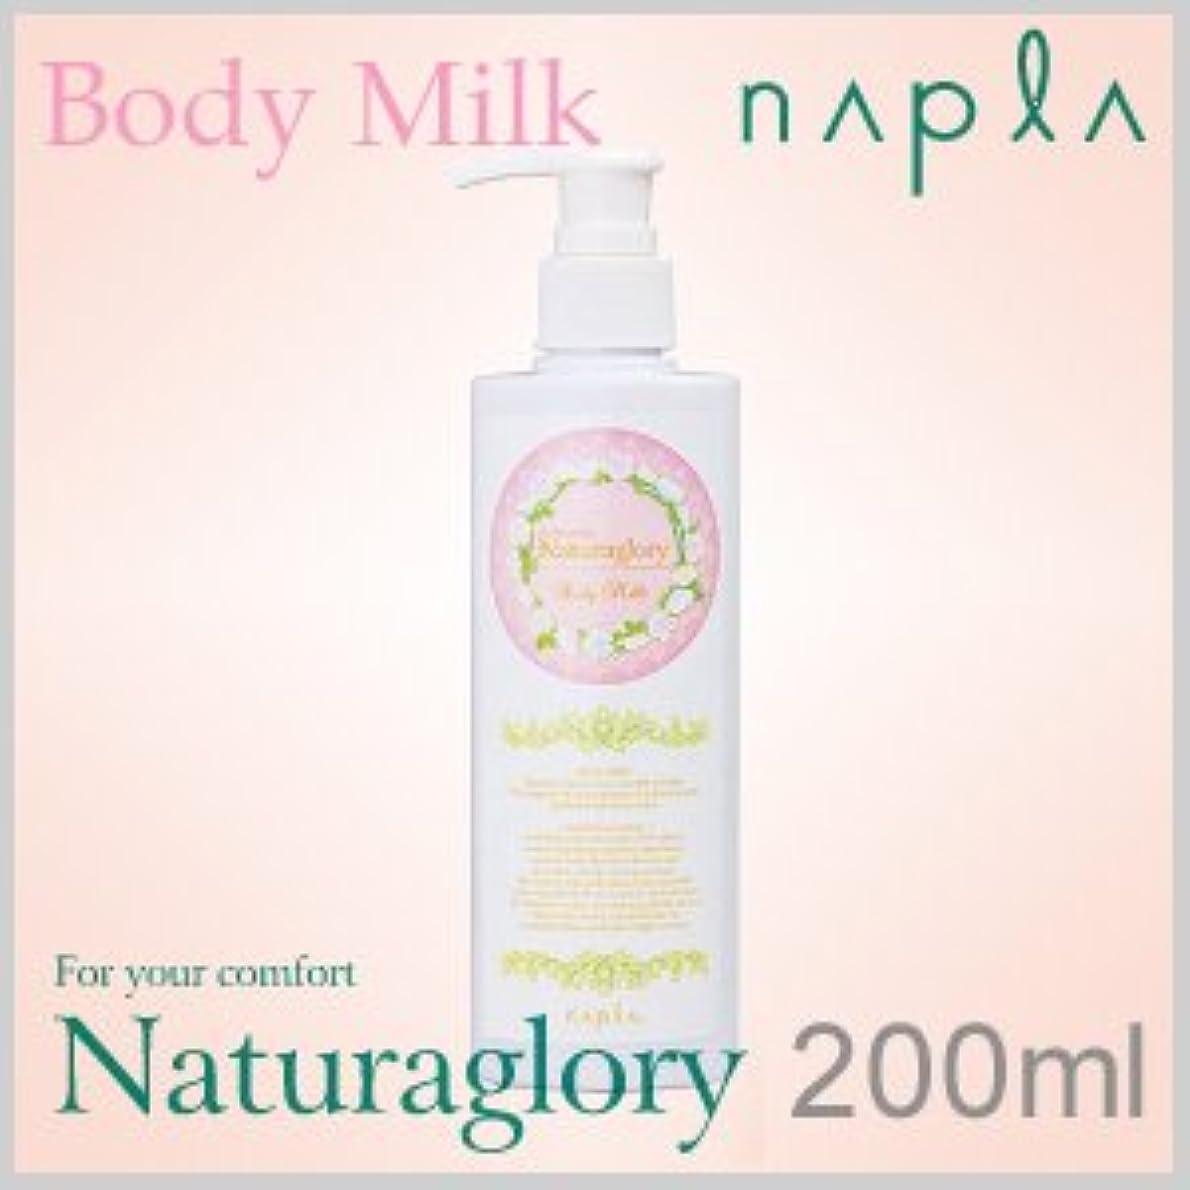 クレーターハウジングラグナプラ ケアテクトHB ナチュラグローリー ボディーミルク 200ml 無添加クリーム